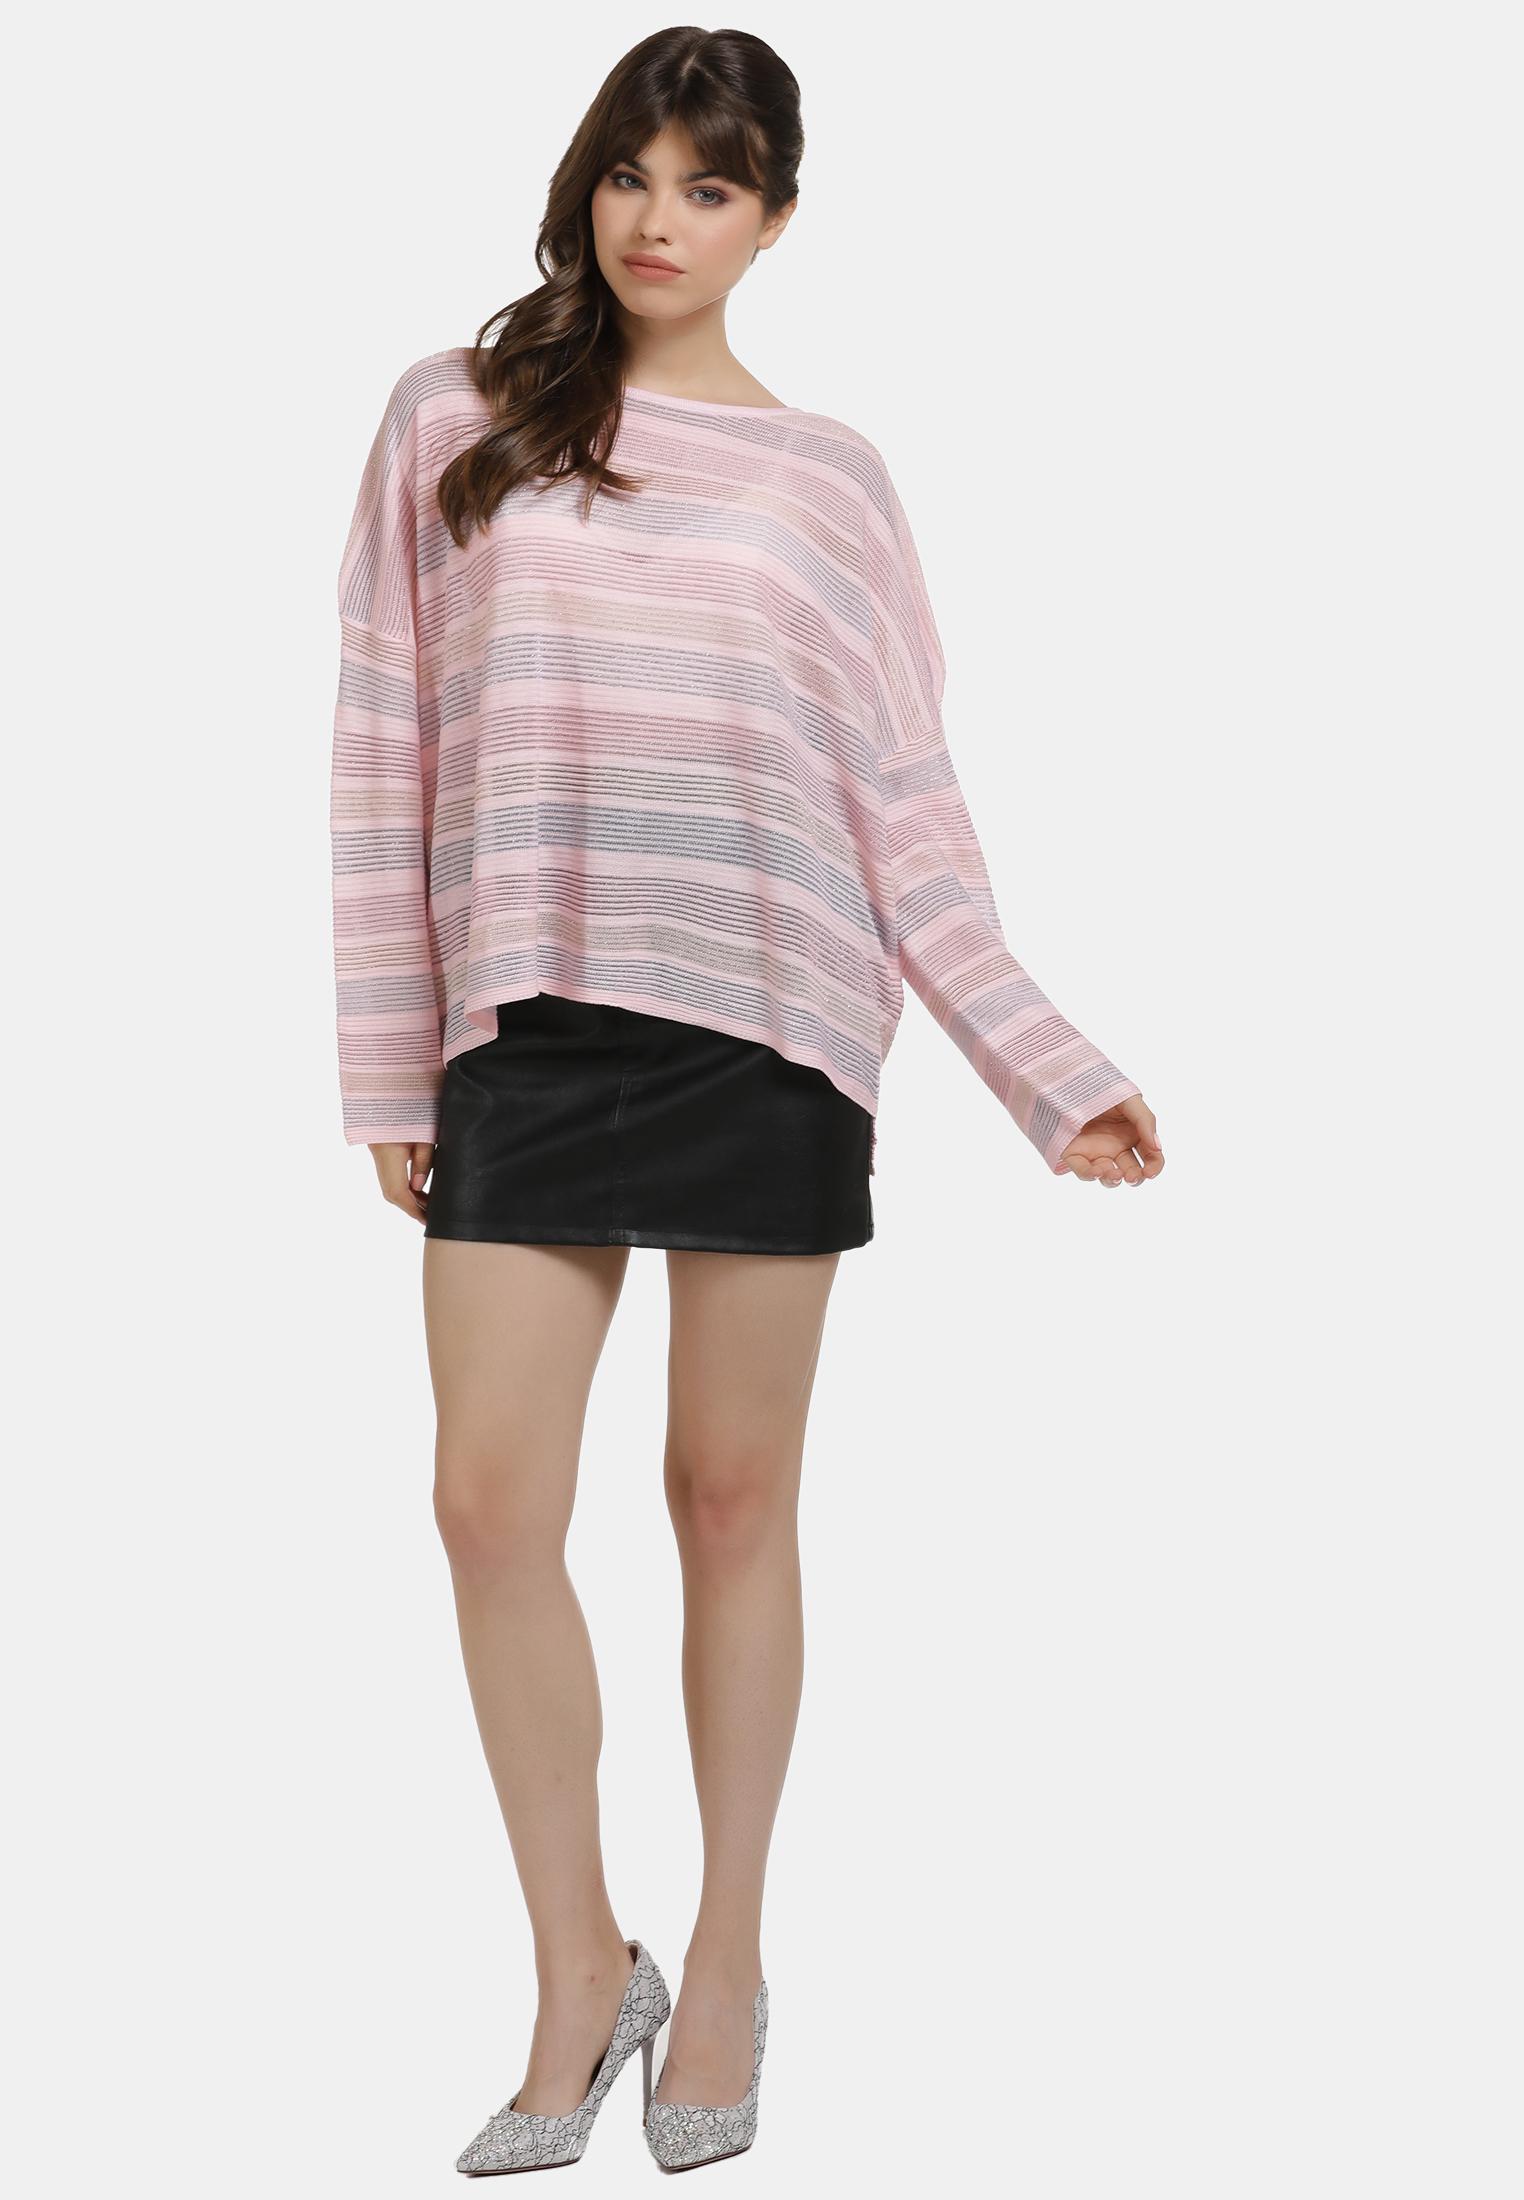 MyMo at night Pullover in hellrosa günstig kaufen